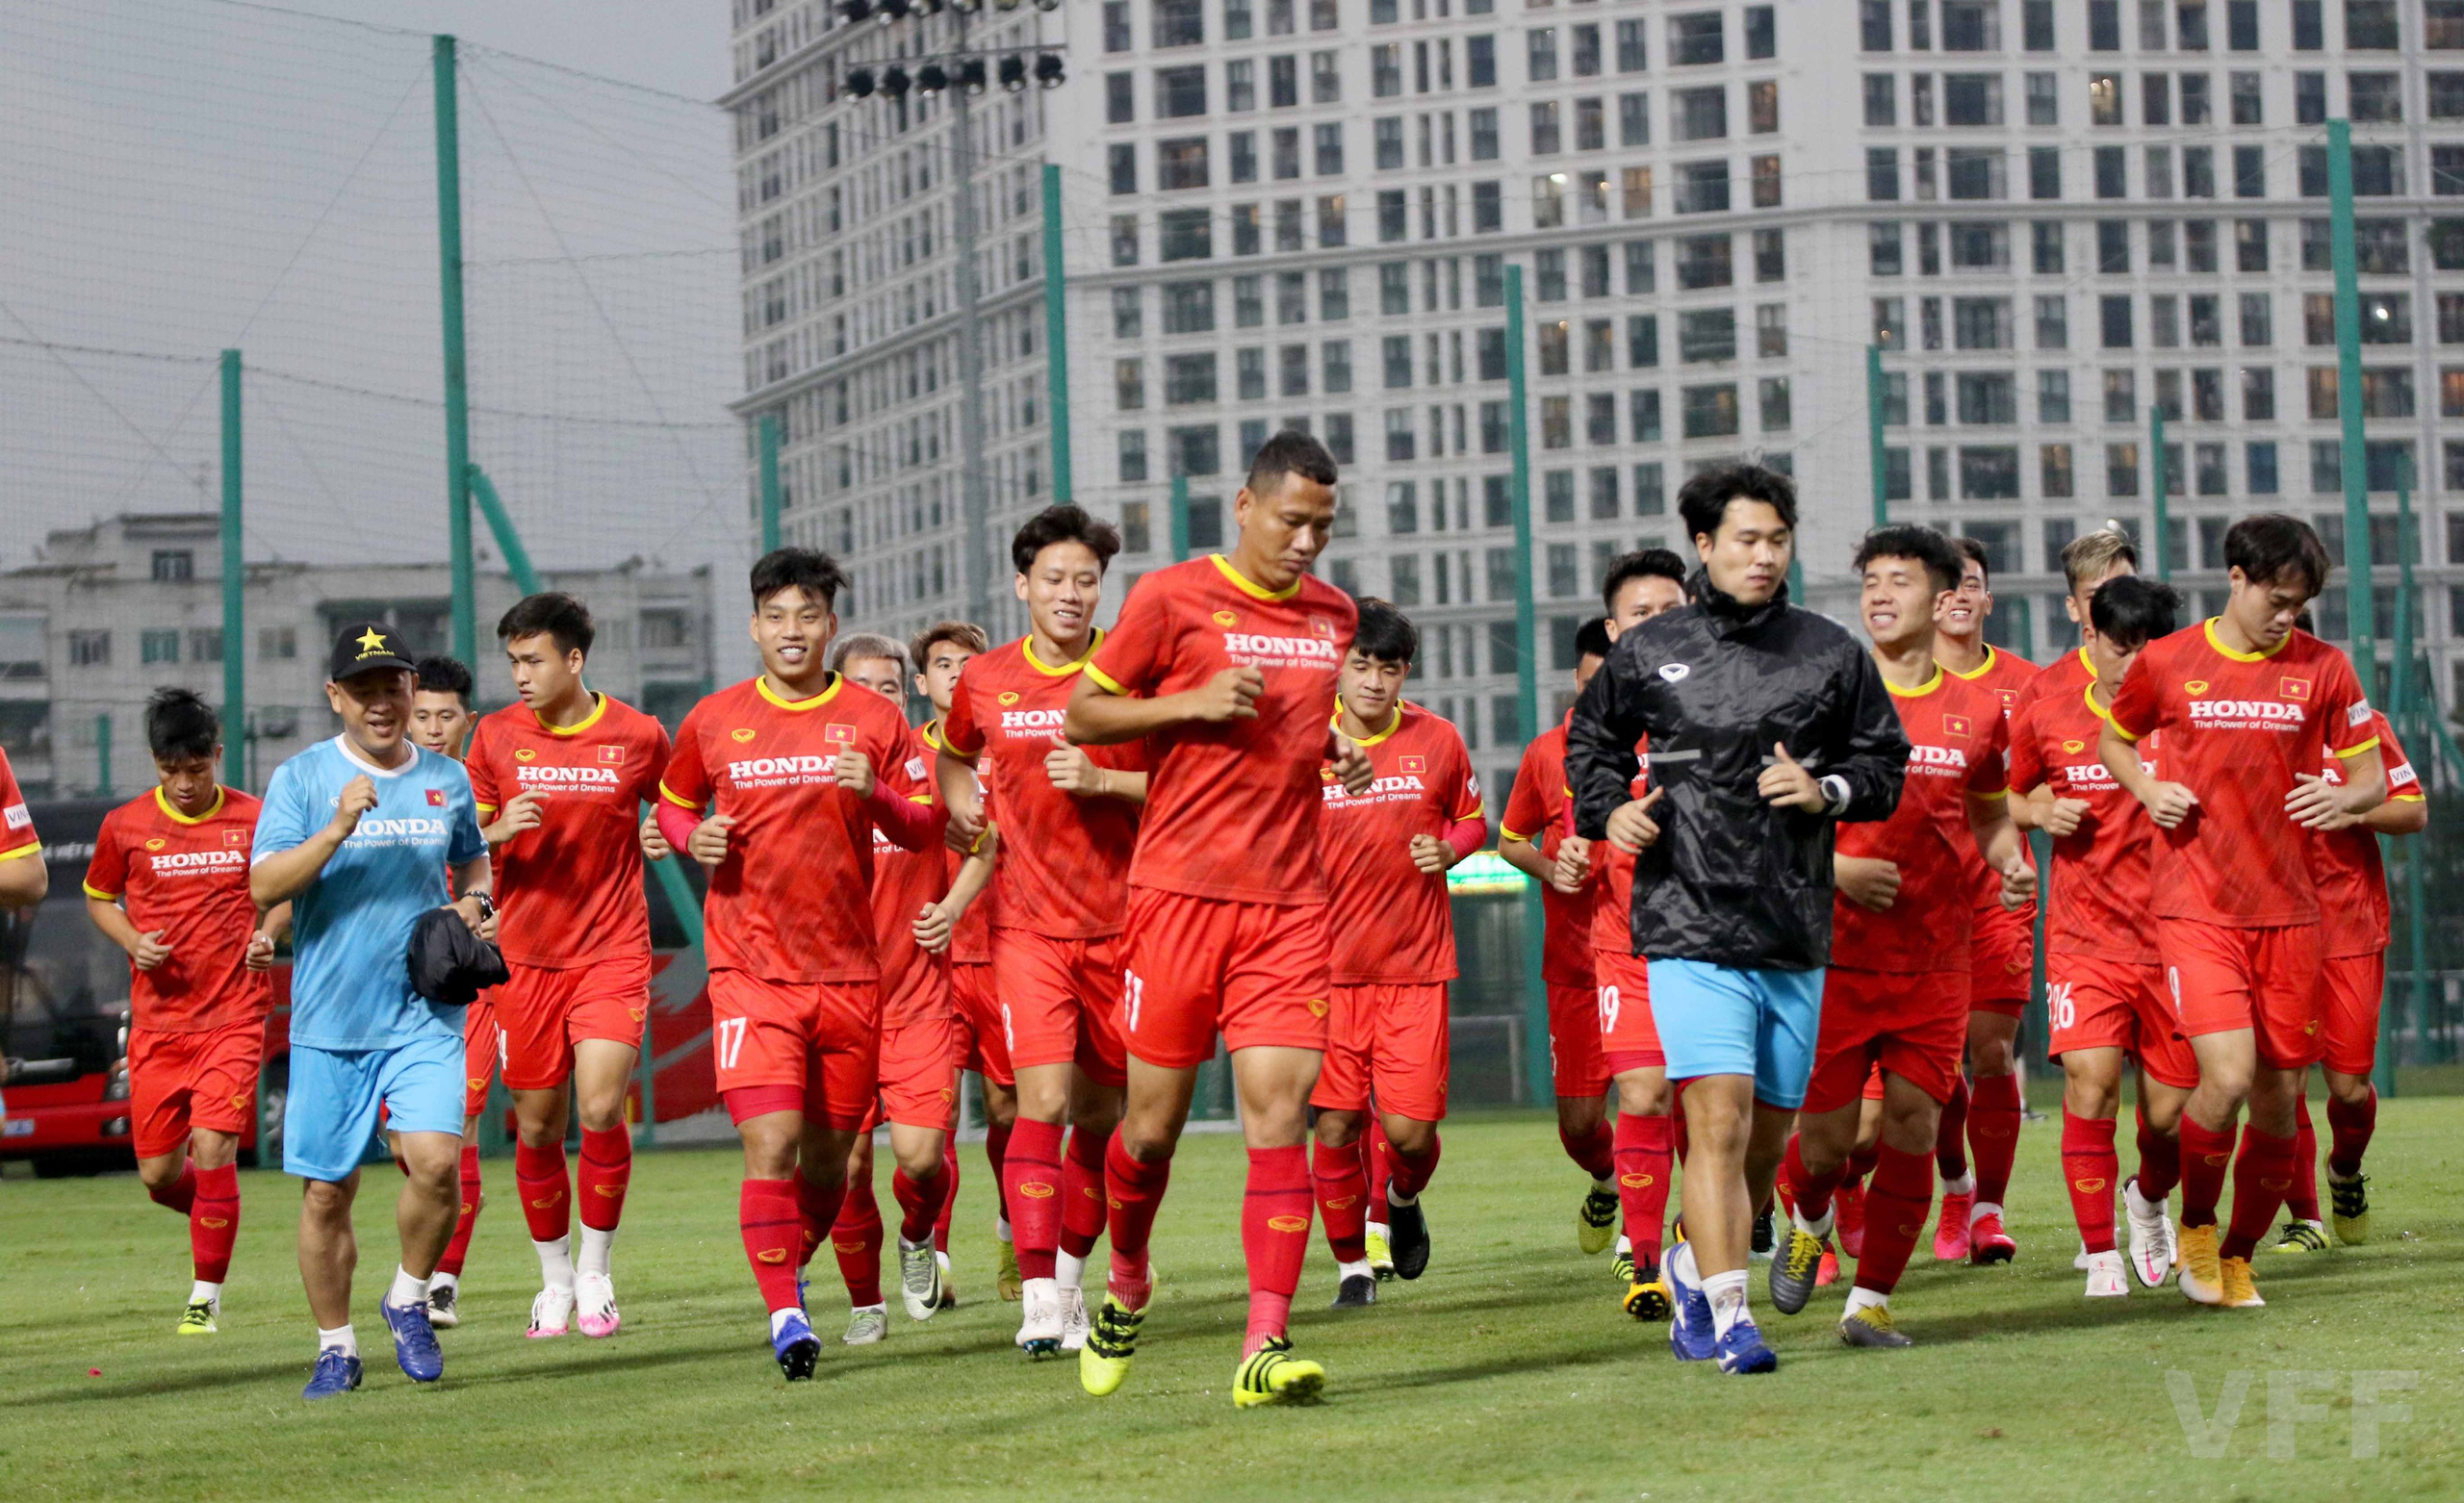 """HLV Park Hang-seo """"làm xiếc"""" với bóng khiến học trò ngỡ ngàng! - Ảnh 11."""